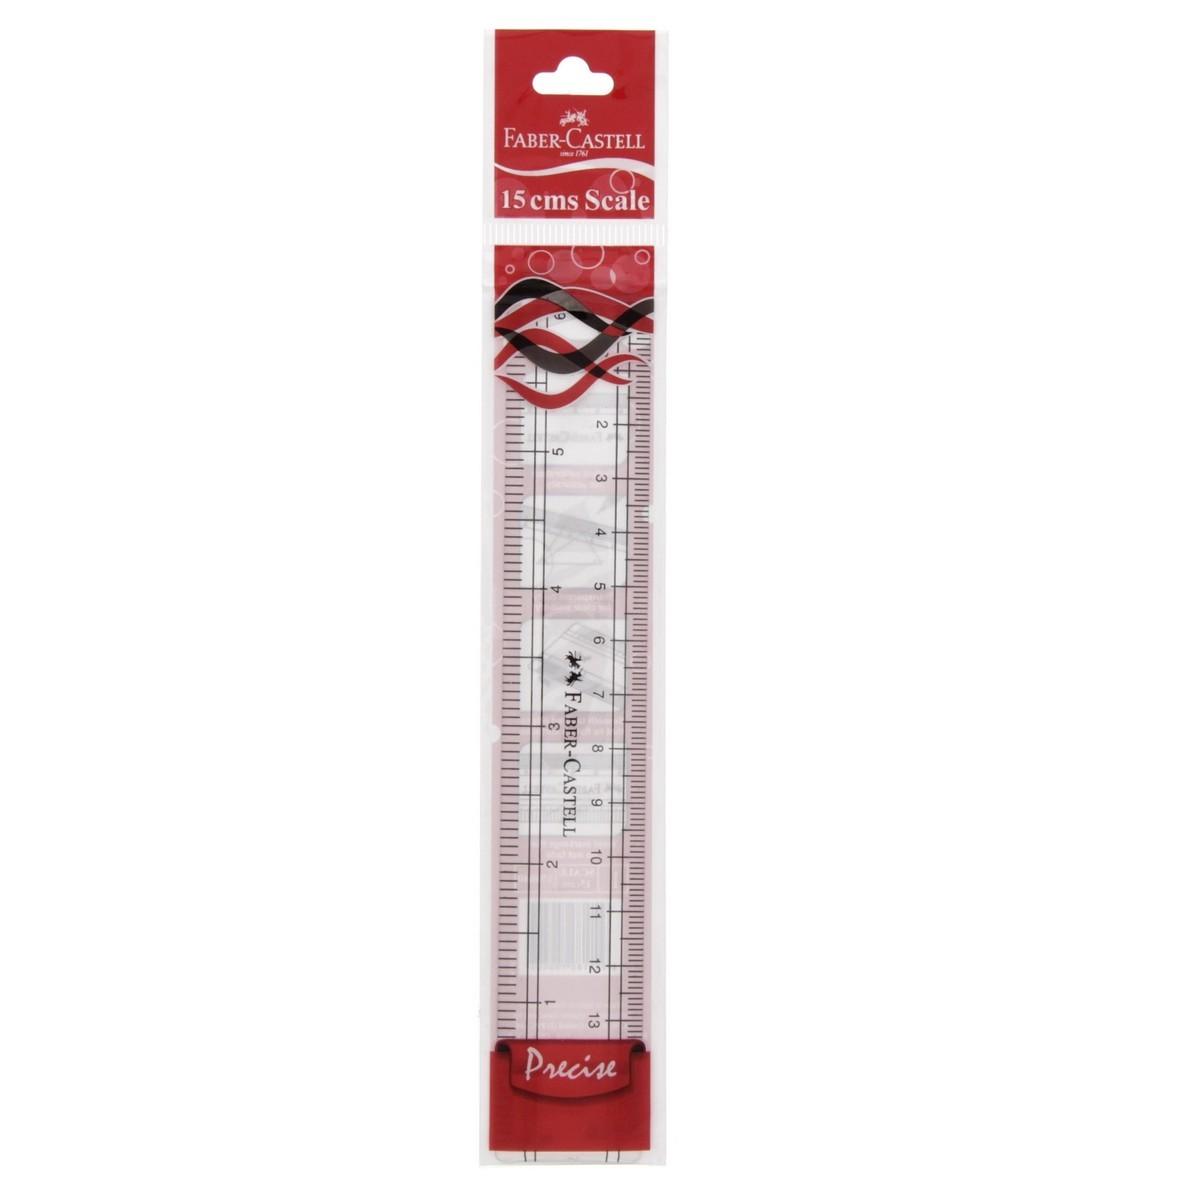 Faber-Castell 15cms Plastic Ruler